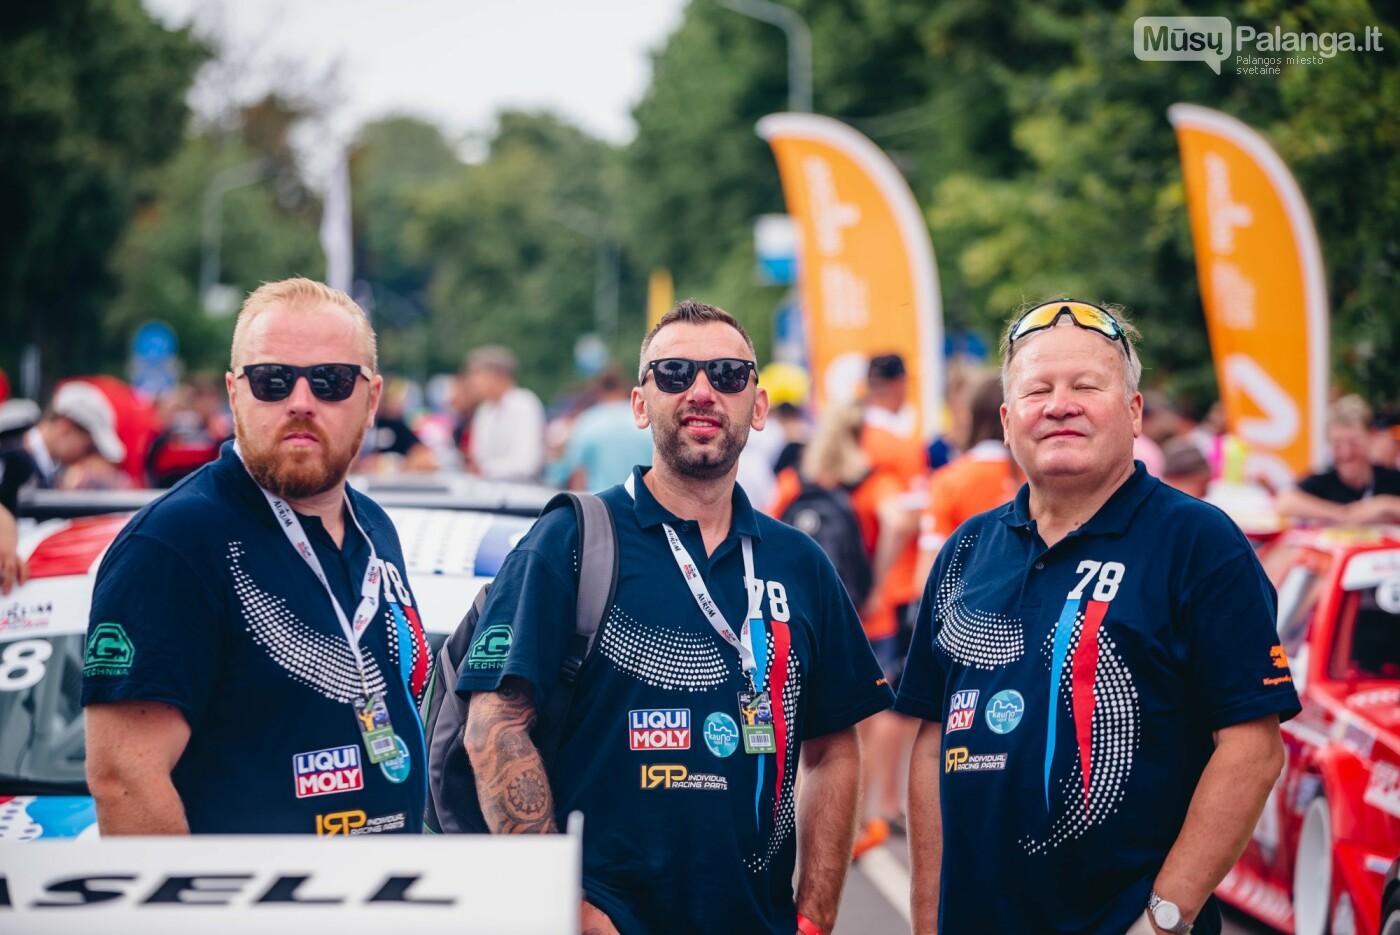 """2022-ųjų liepos vidury Palangą drebins 23-osios """"Aurum 1006 km lenktynės"""", nuotrauka-9, Vytauto PILKAUSKO nuotr."""